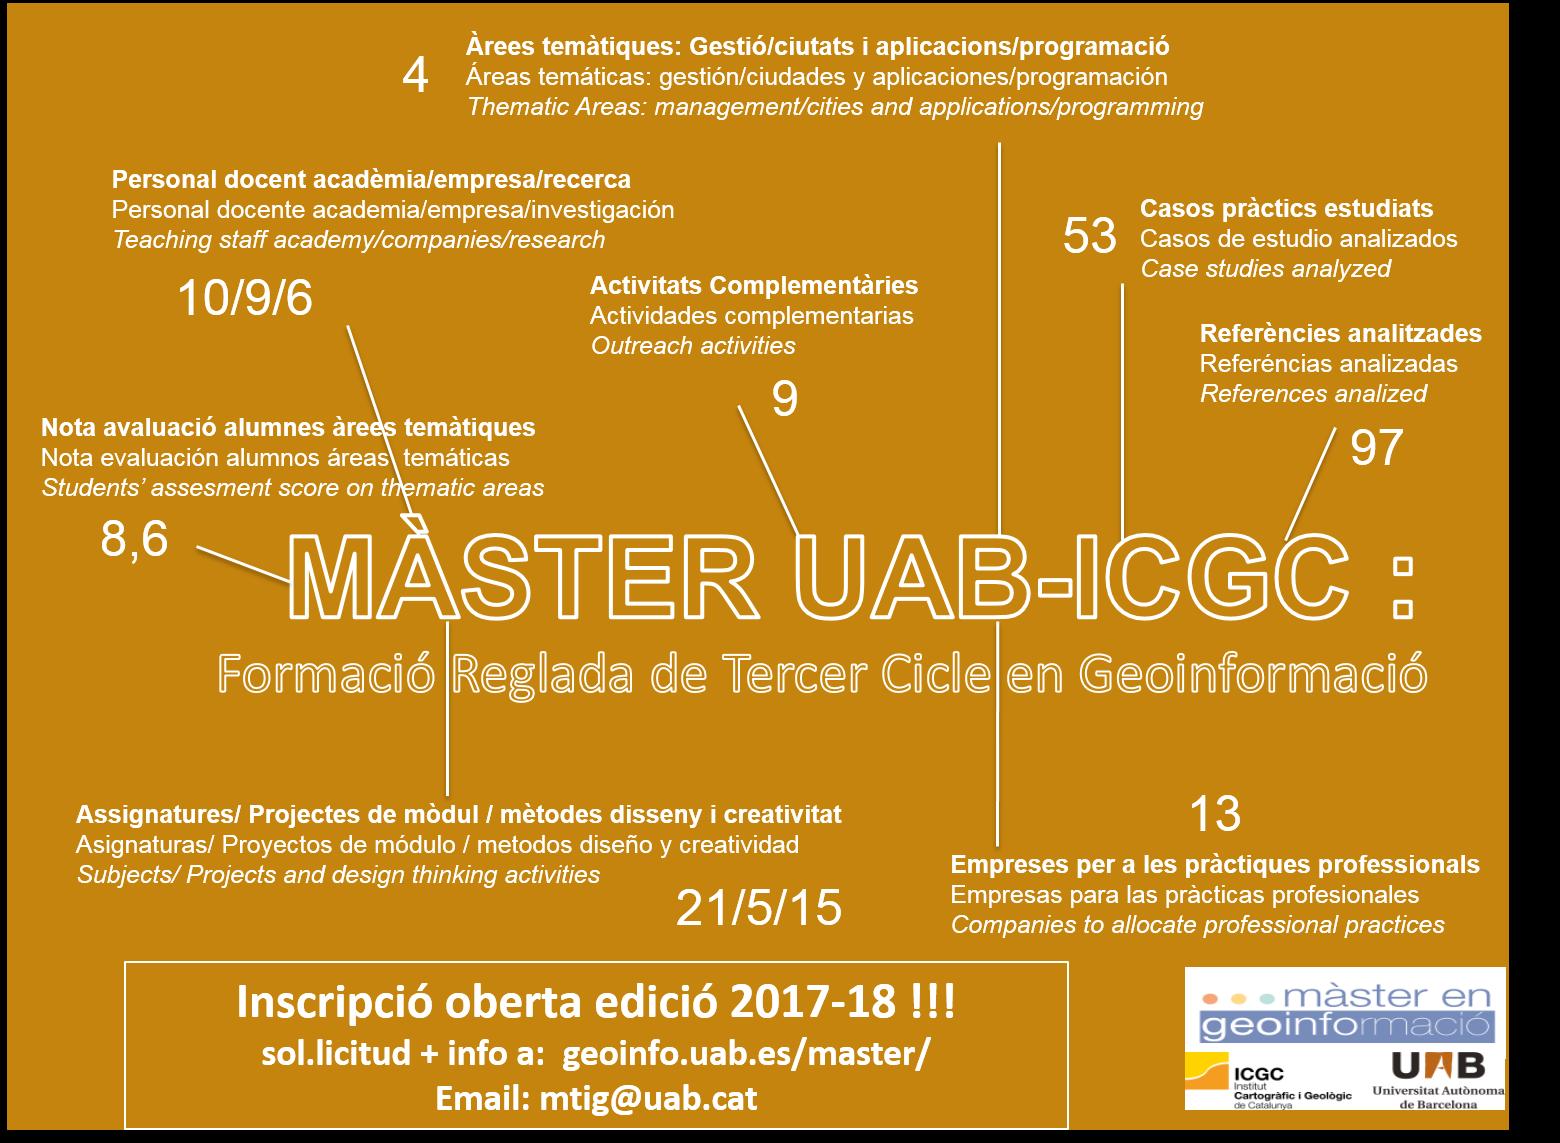 Informació resumida sobre dates, activitats i recursos per a l'edició 2017-2018 del màster en Geoinformació.